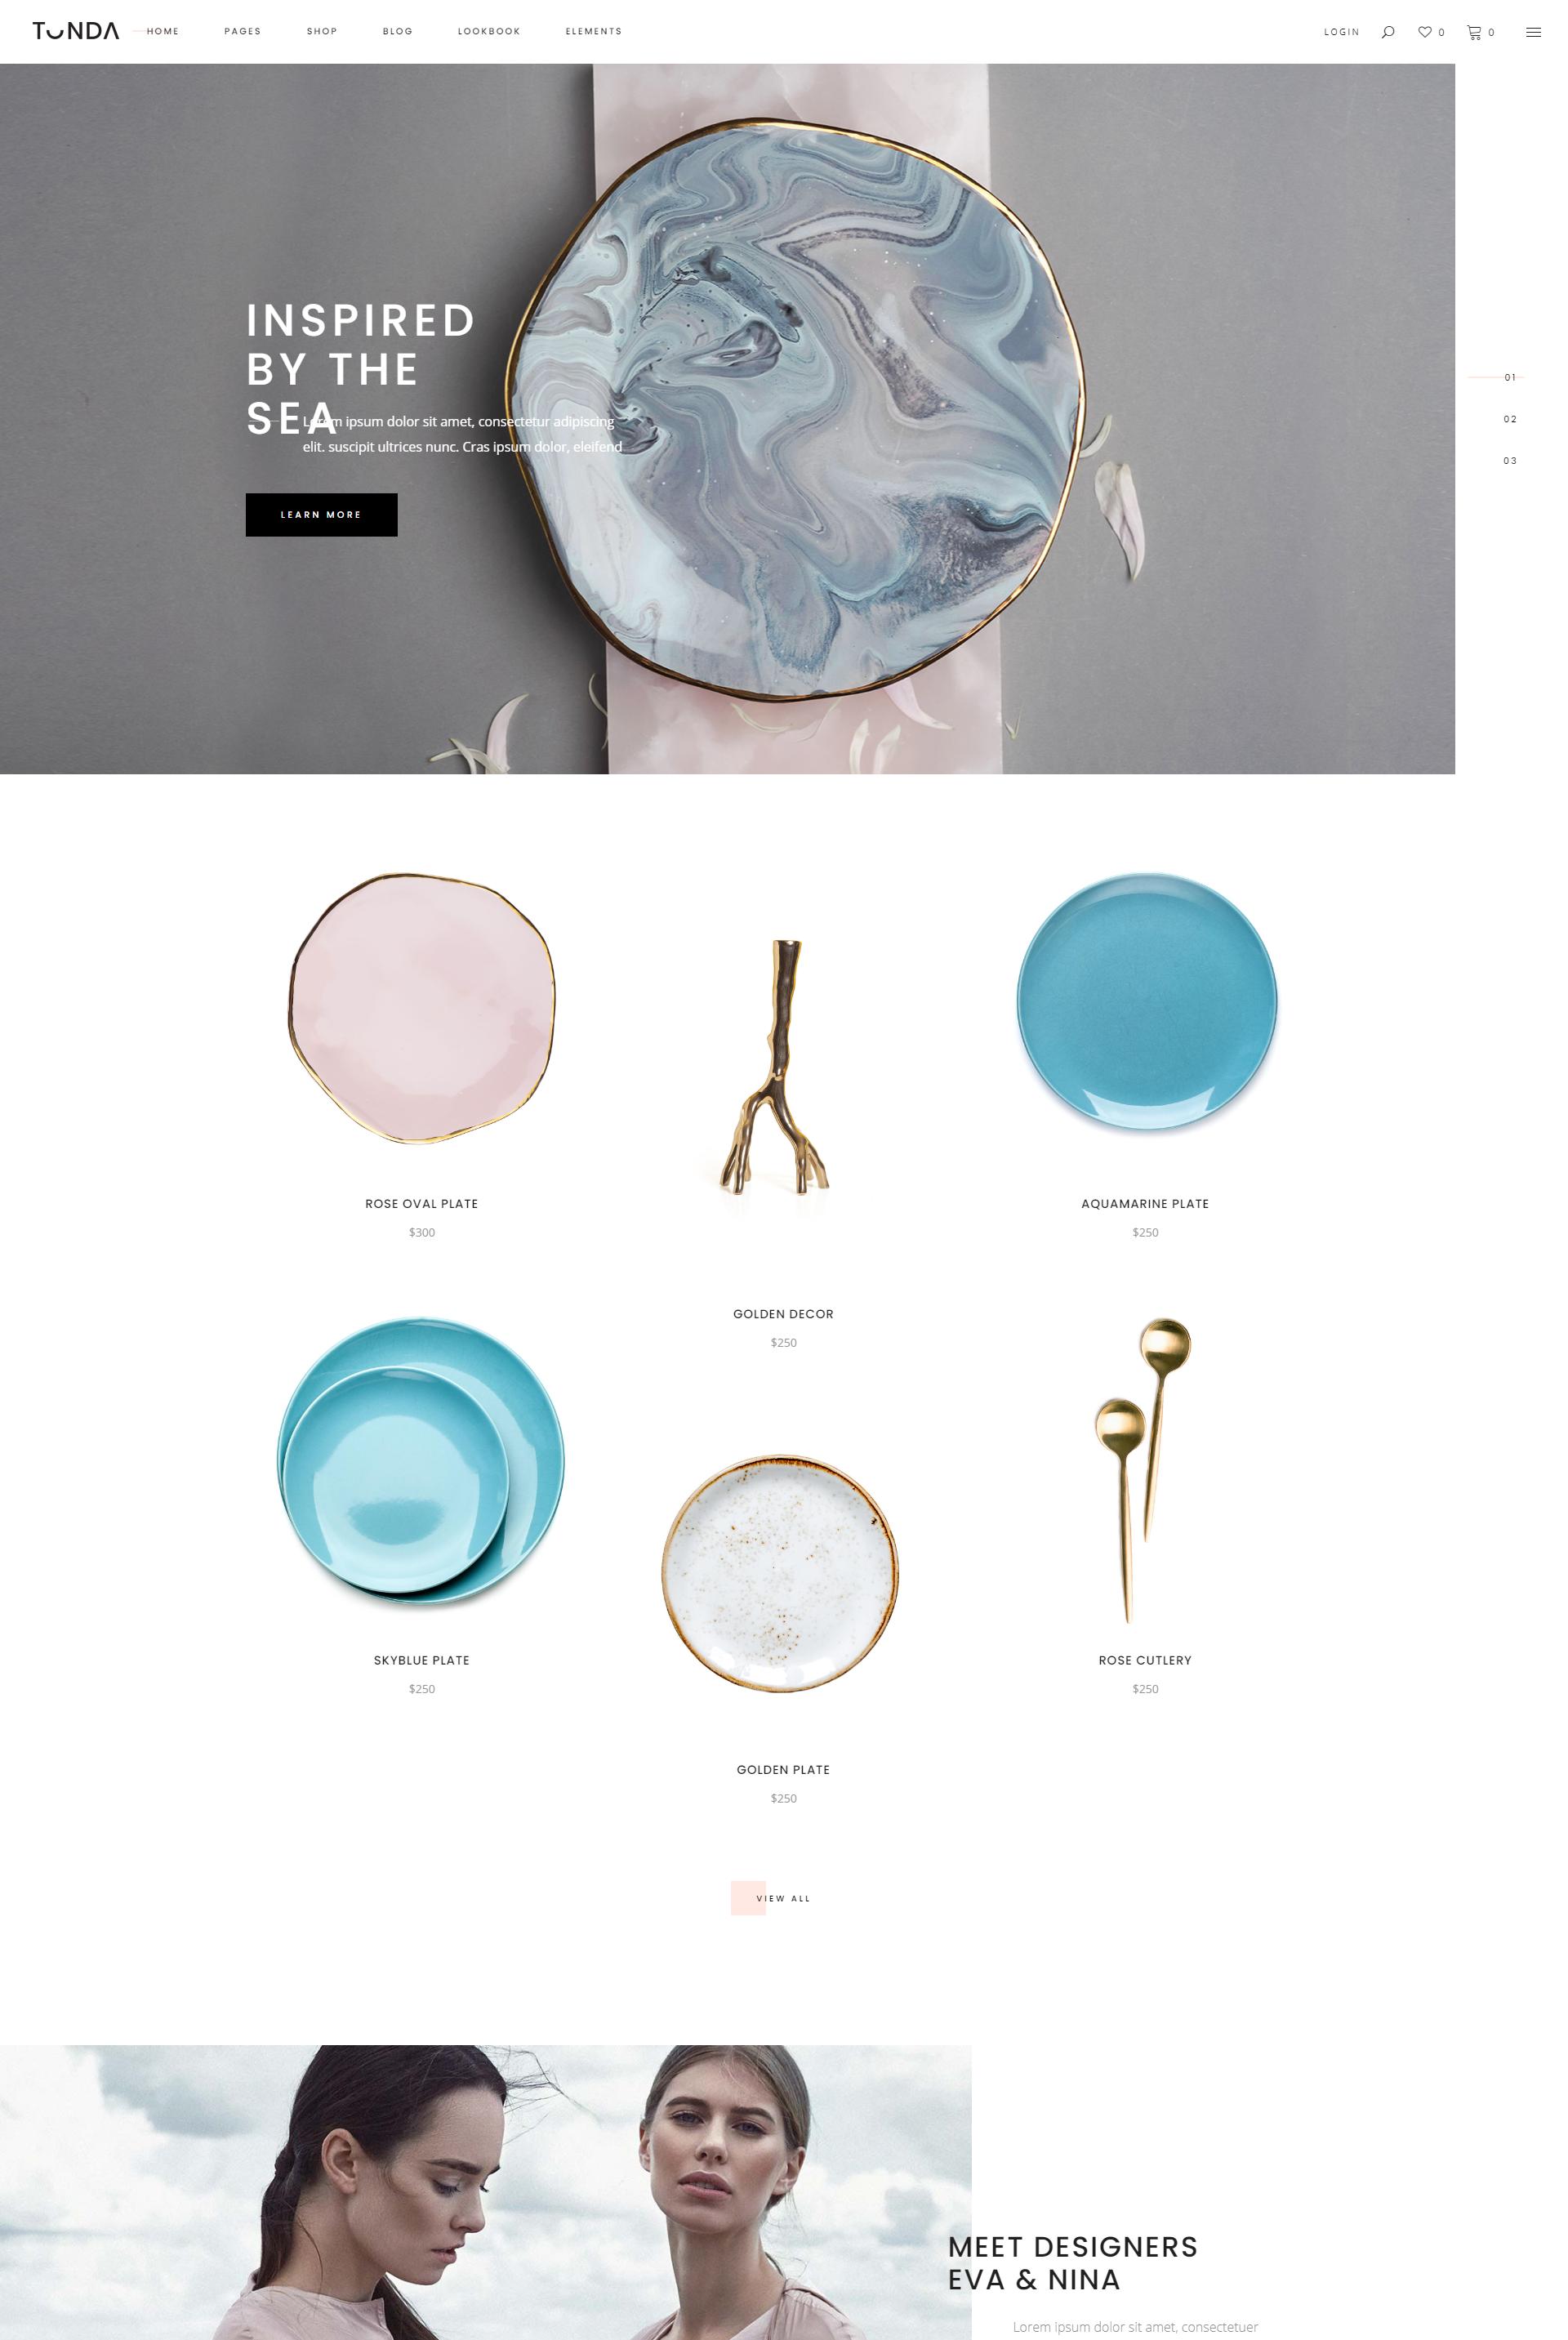 Mẫu Website bán hàng Gốm sứ Tonda